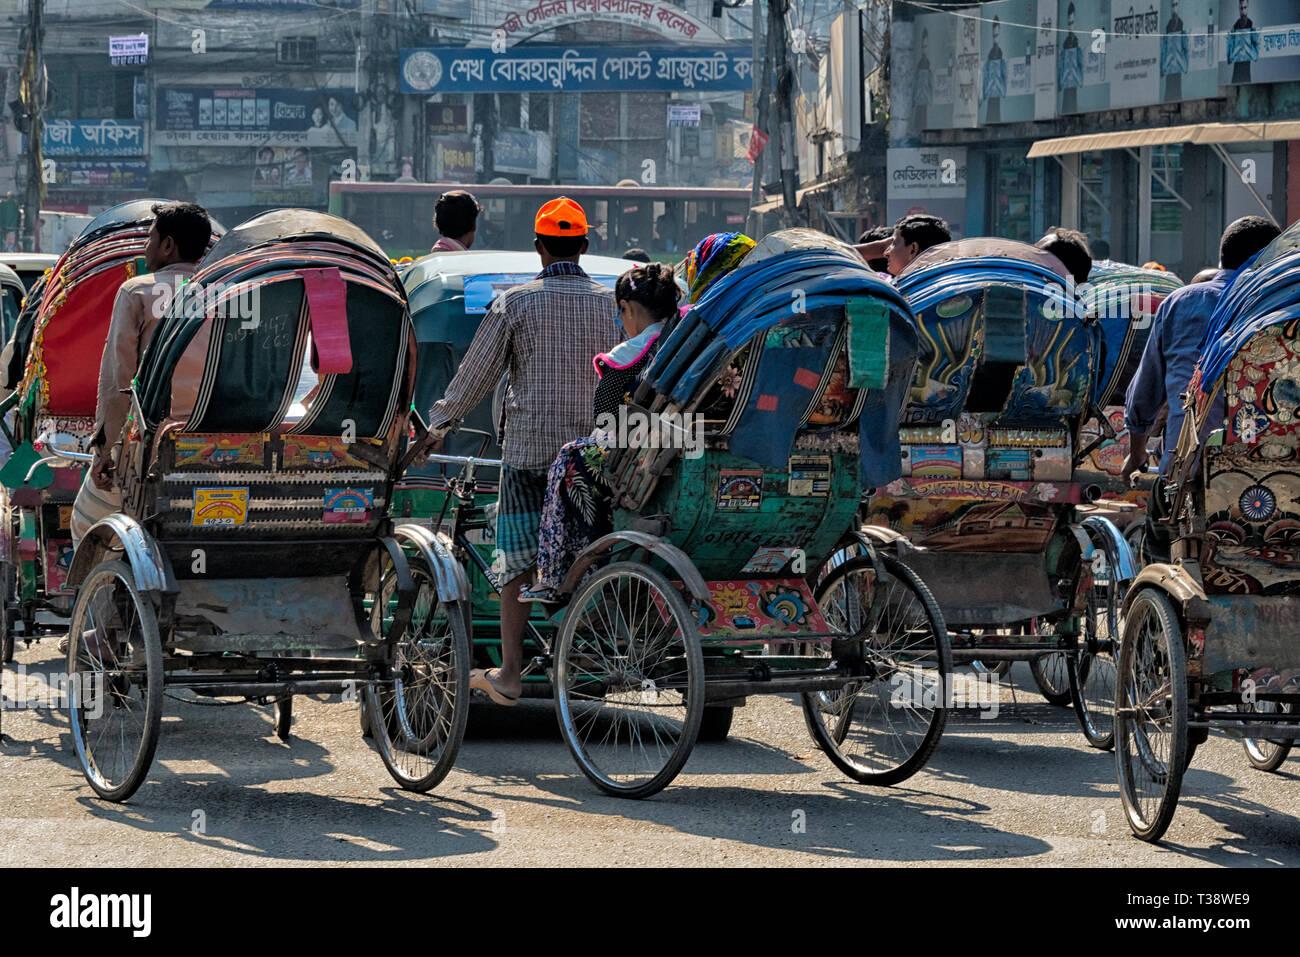 Rickshaws on the street, Dhaka, Bangladesh - Stock Image